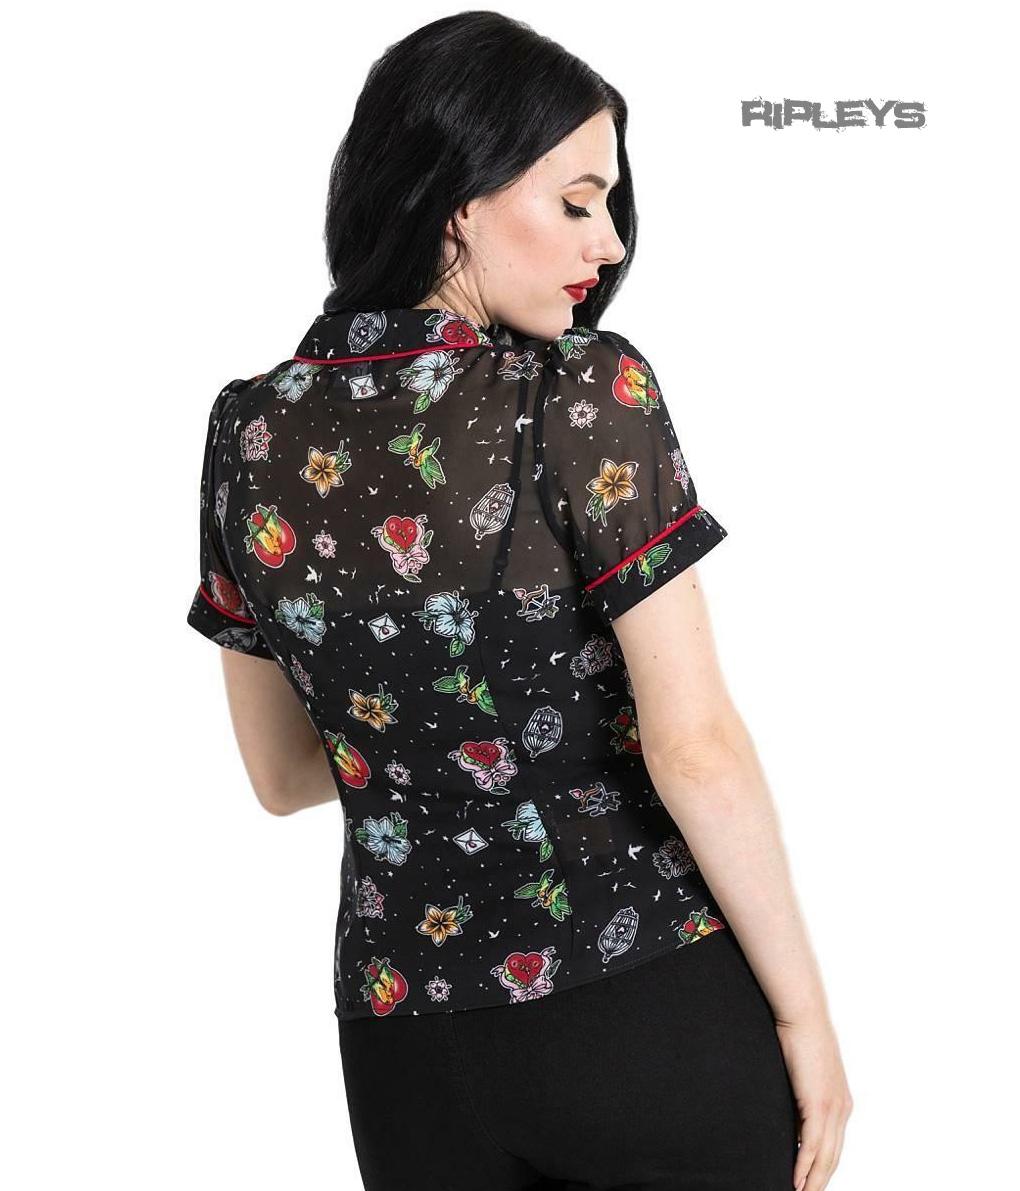 Hell Bunny shirt top noir inséparable Chemisier Rétro Vintage Fleurs Toutes Tailles